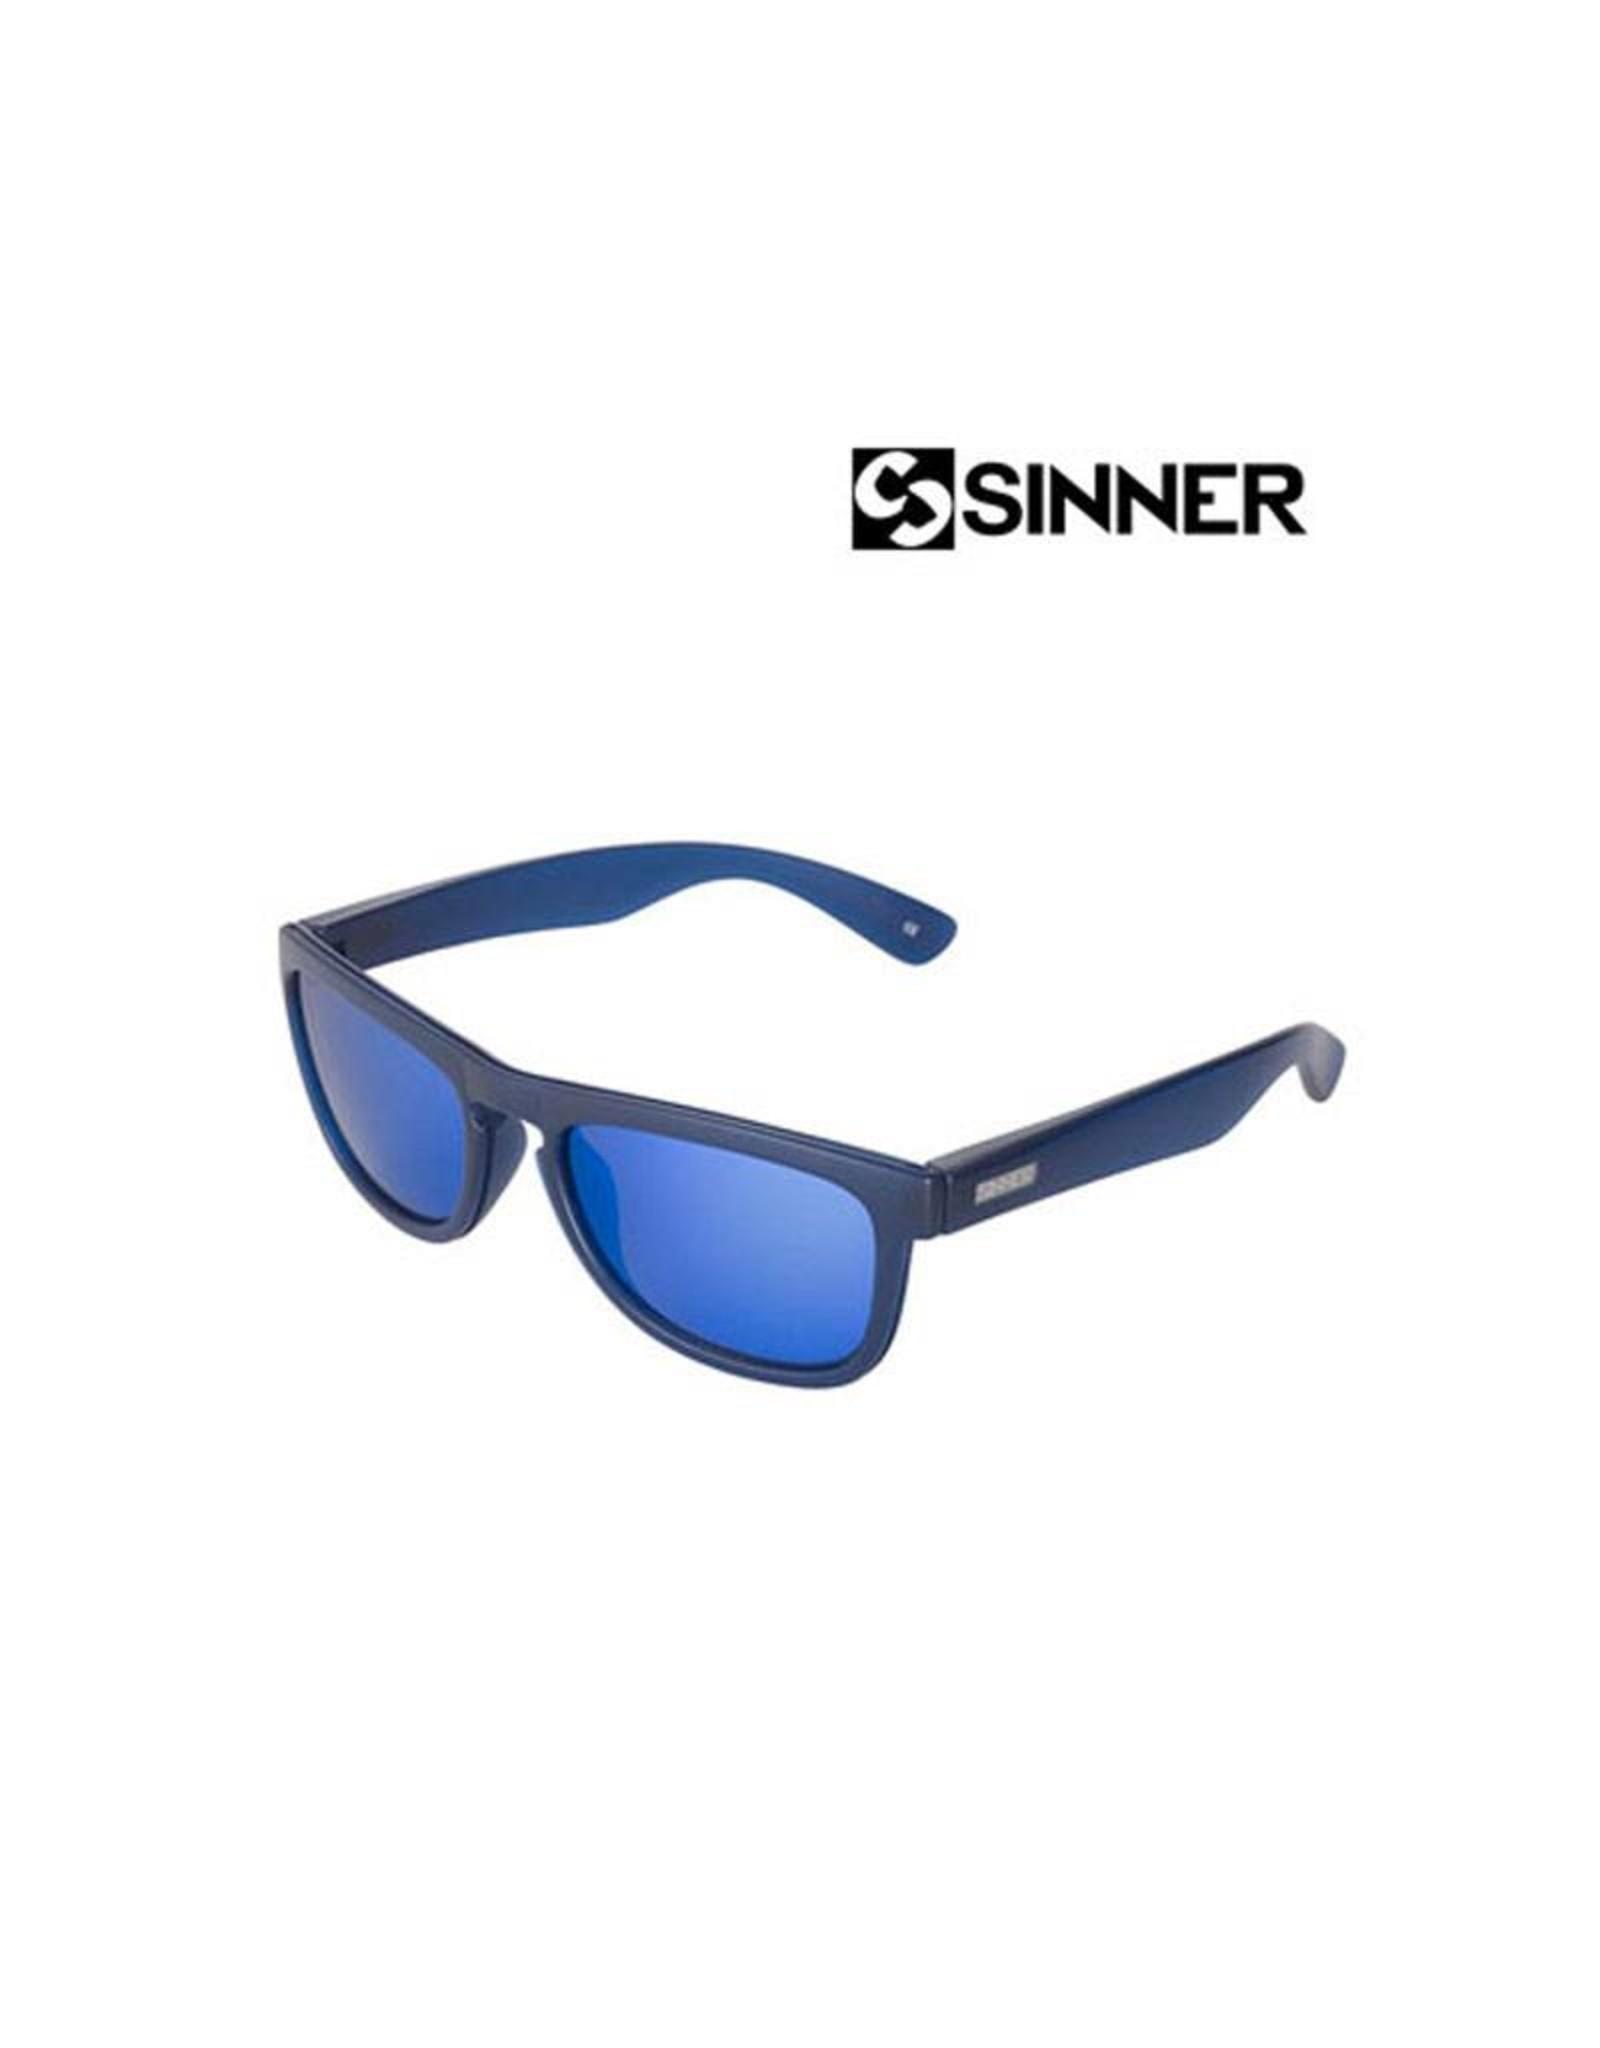 SINNER SINNER RICHMOND Donker blauw revo Zonnebril Uni (jr)